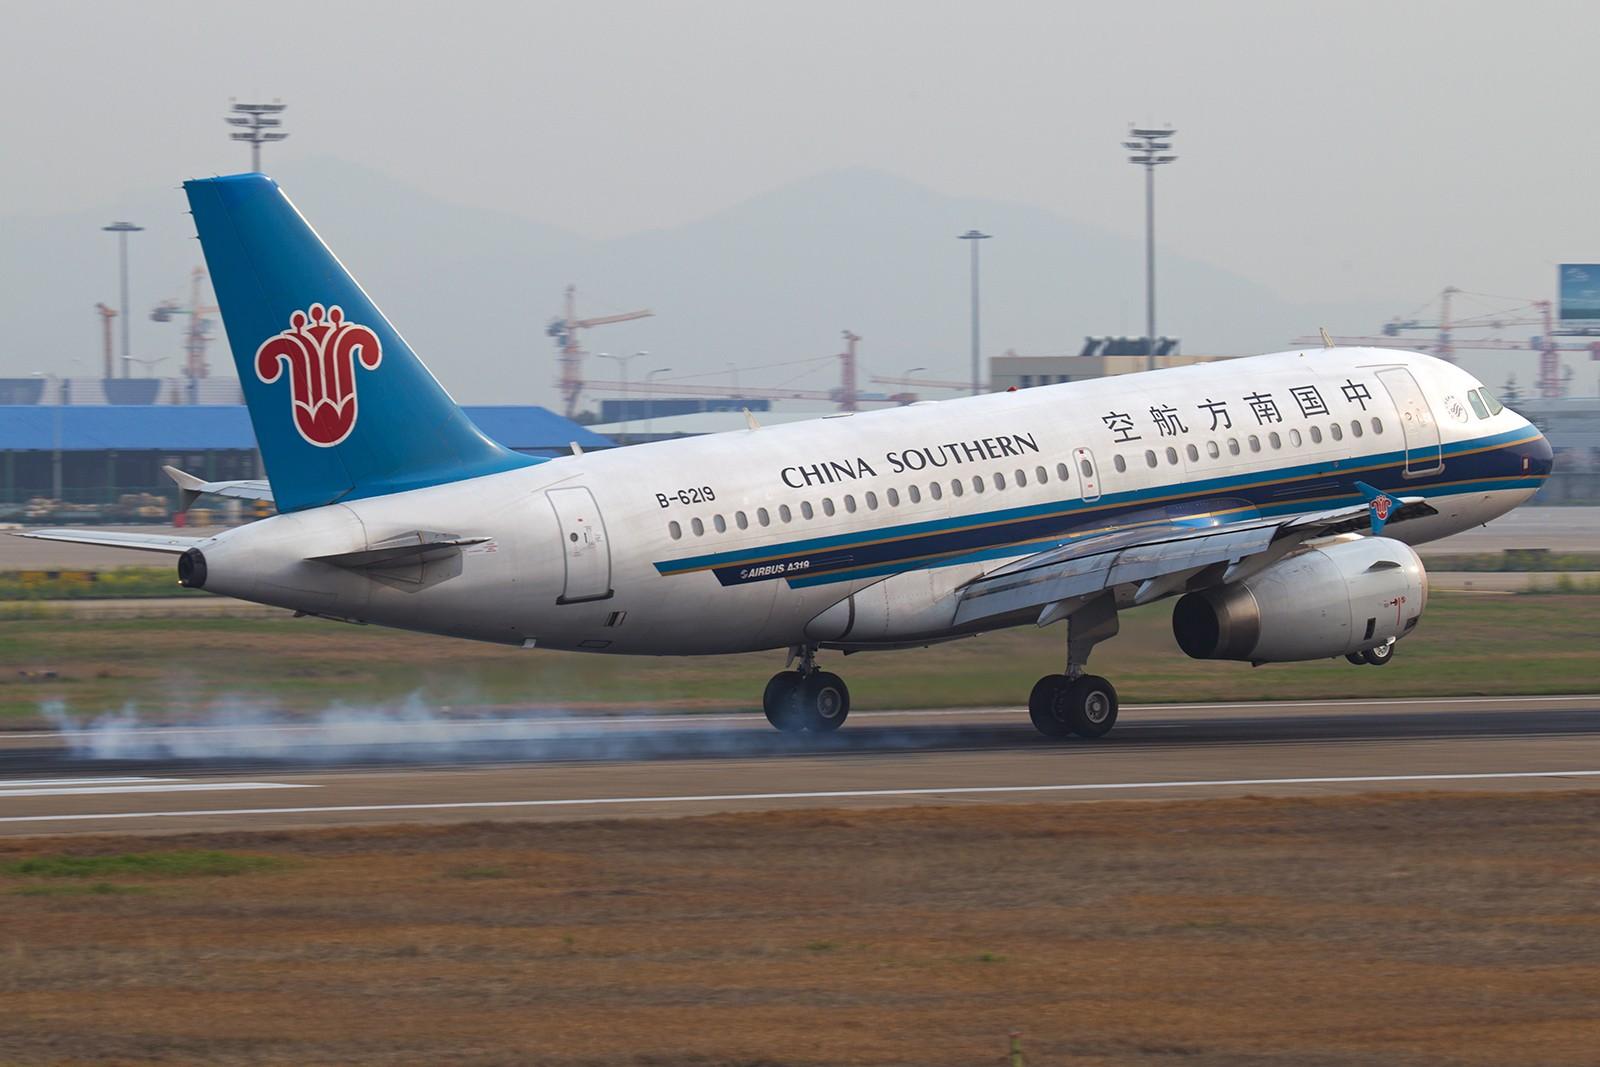 Re:[原创]【BLDDQ】******小长假的第一天,一个冬天手生了,从头开始练擦胭****** AIRBUS A319-100 B-6219 中国南京禄口机场